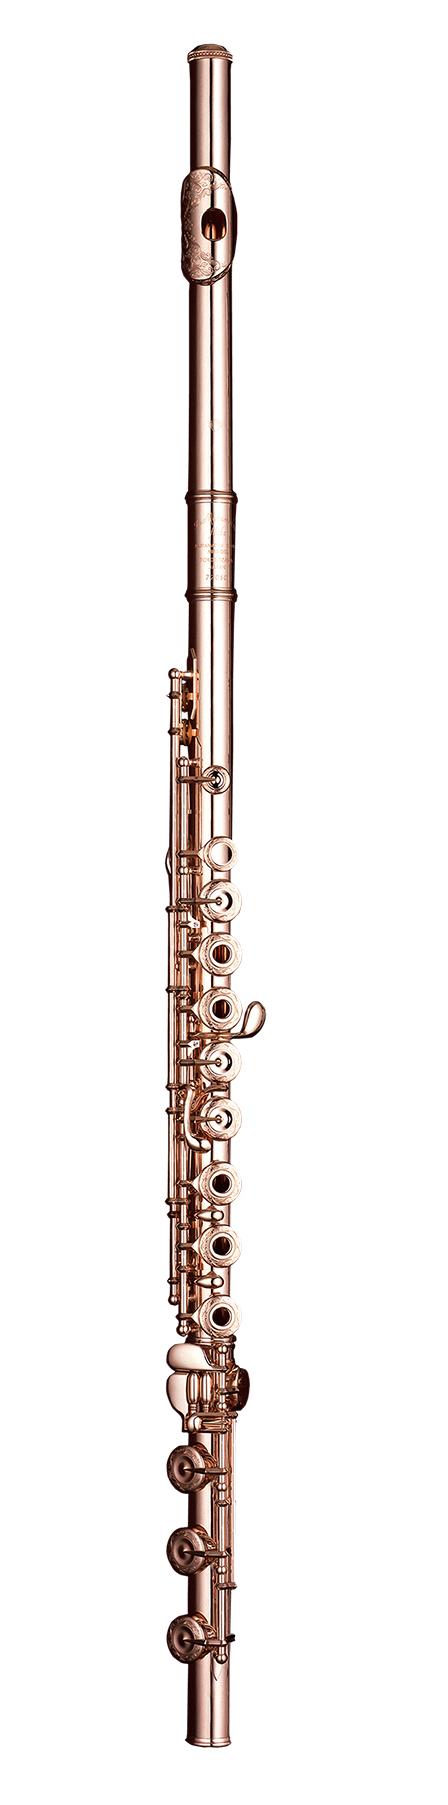 Muramatsu - 9 - K Go/Go SR - Type - RBEIH - Holzblasinstrumente - Flöten mit E-Mechanik | MUSIK BERTRAM Deutschland Freiburg